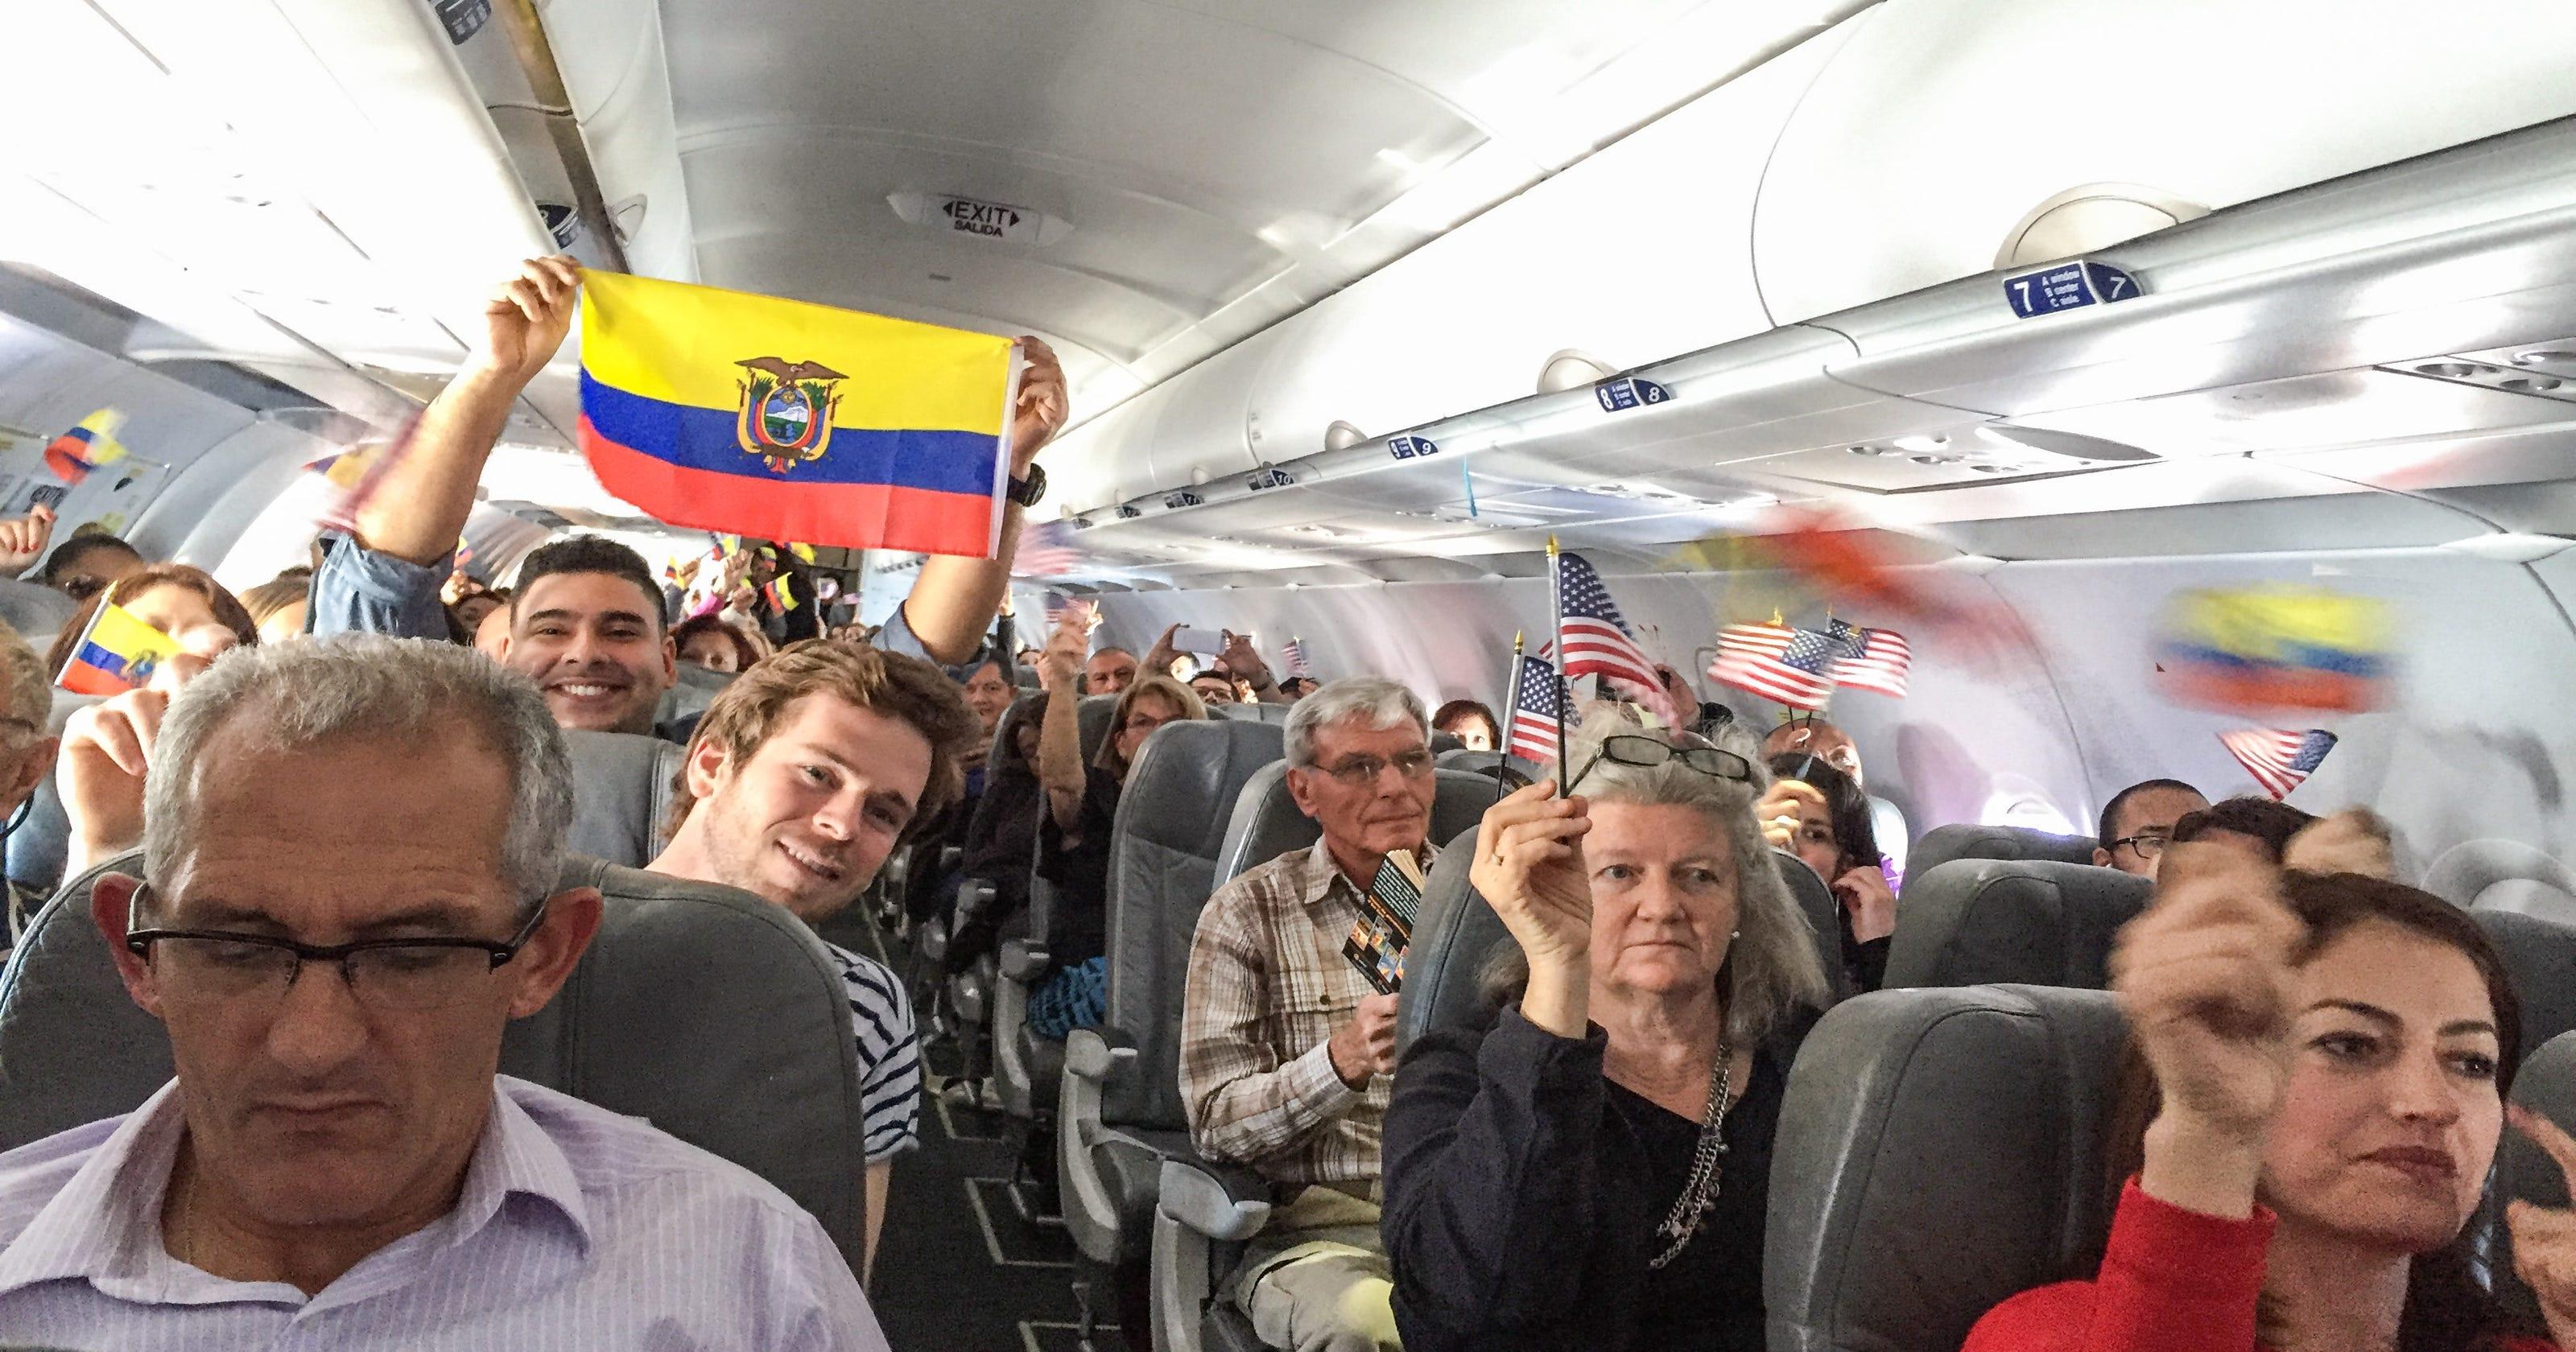 JetBlue now flying to Ecuador